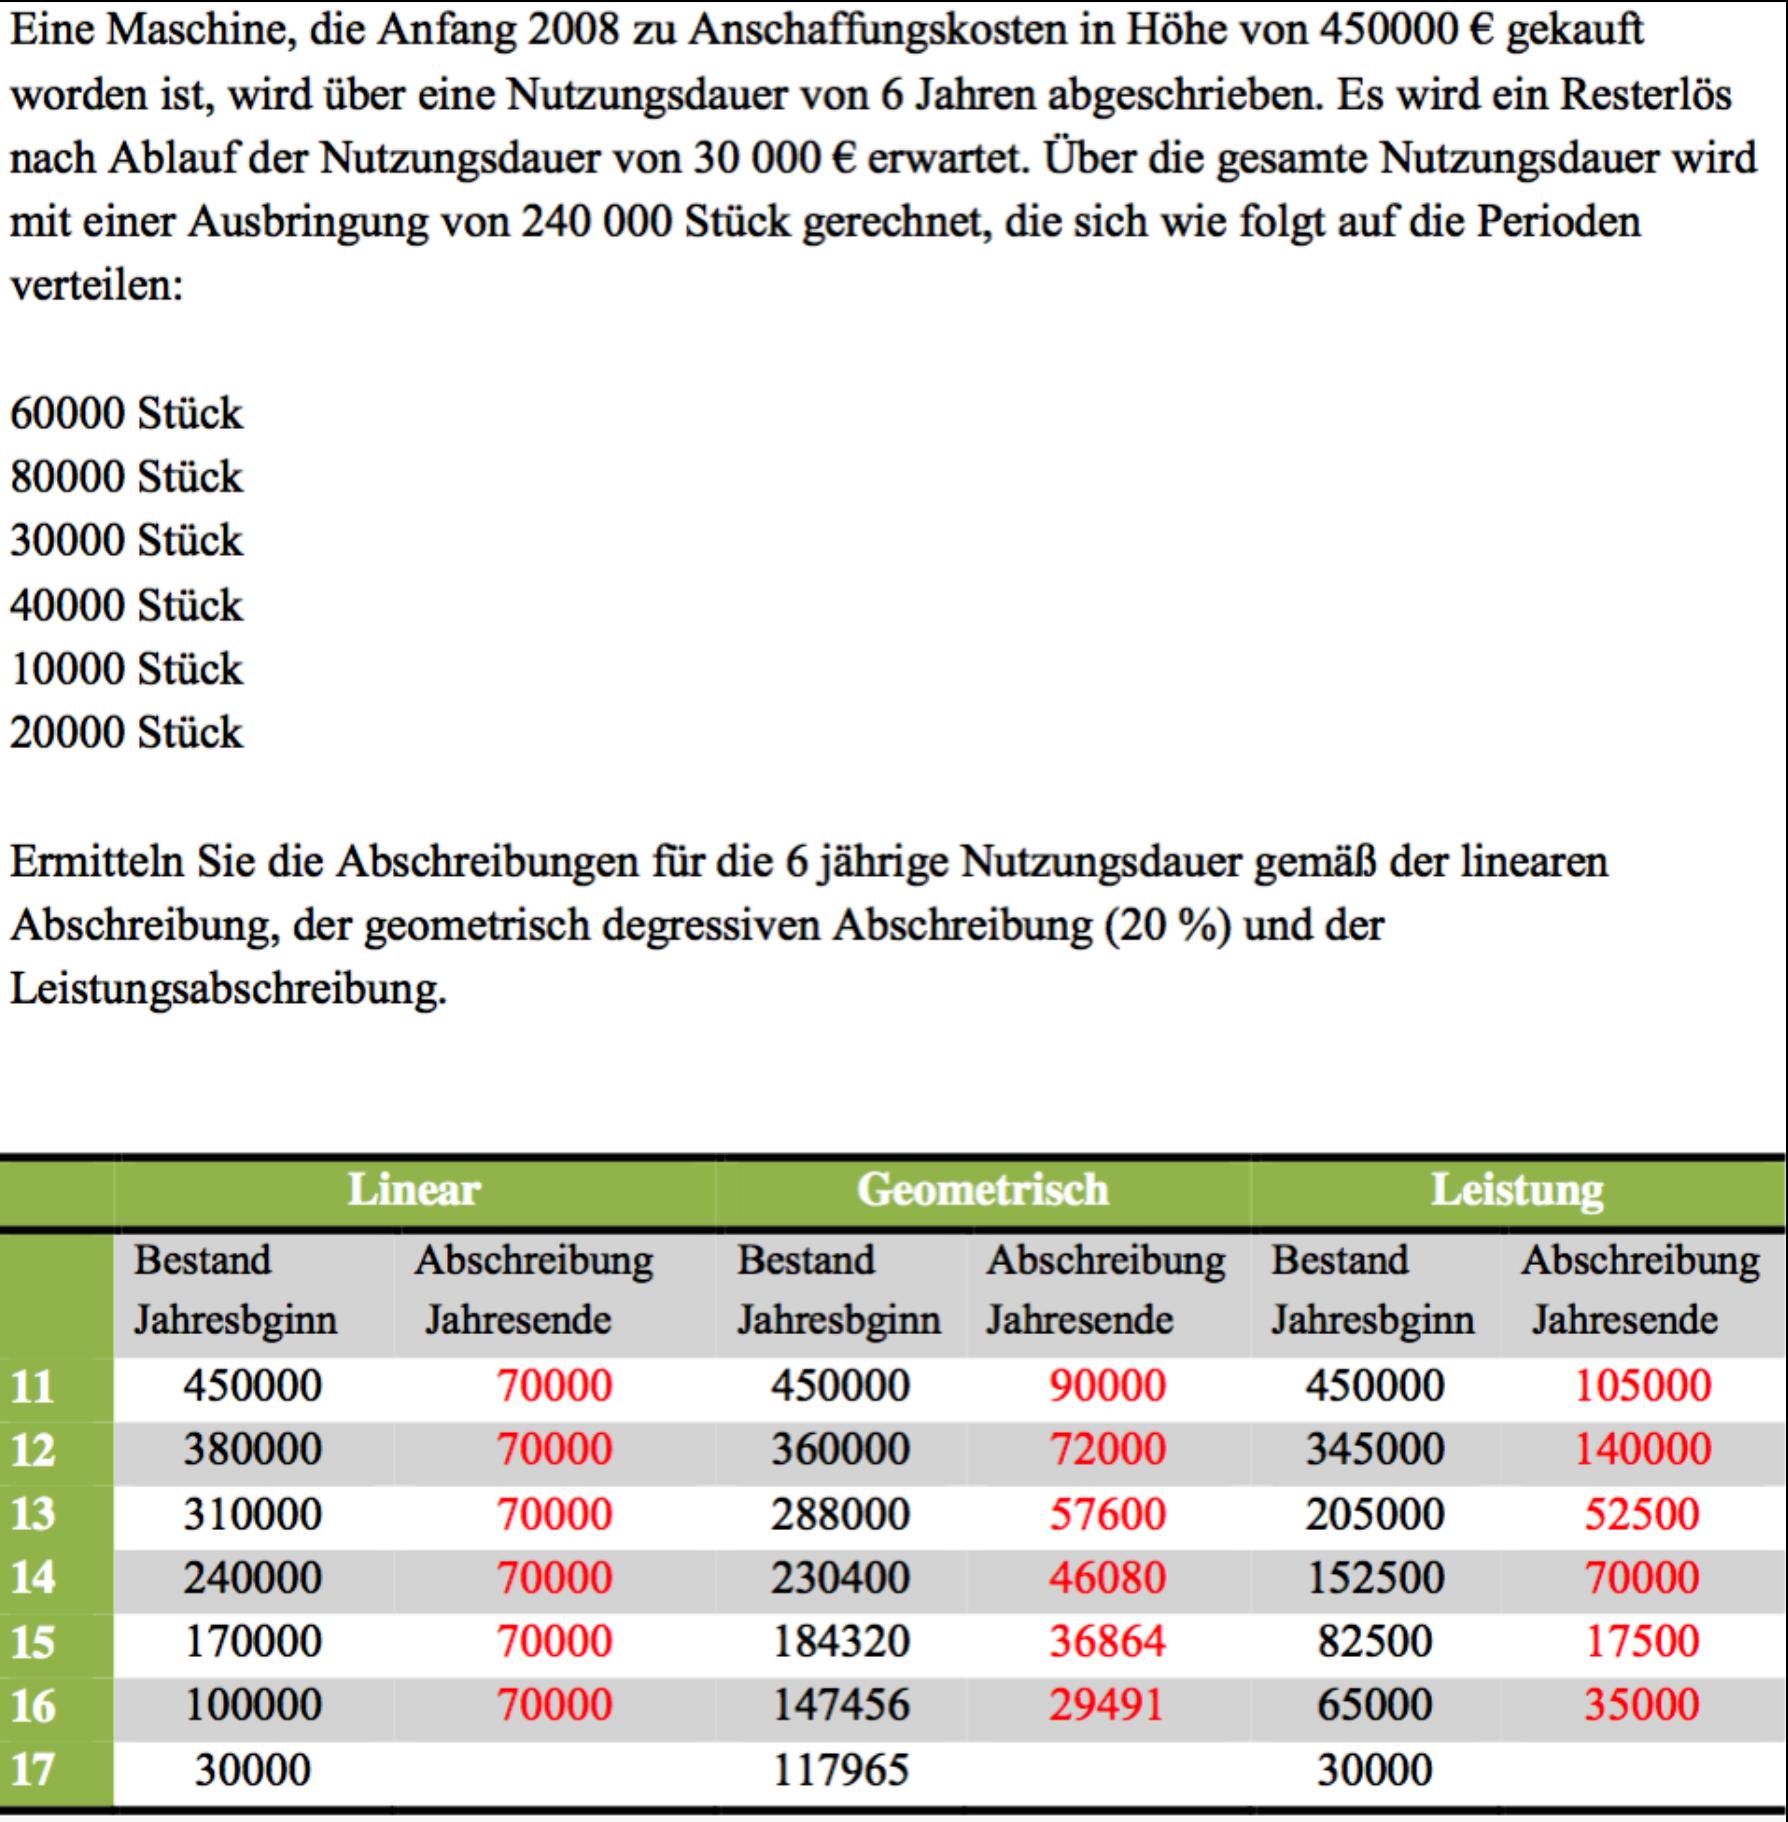 Abschreibung nutzungsdauer sessel - Afa tabelle 2018 ...